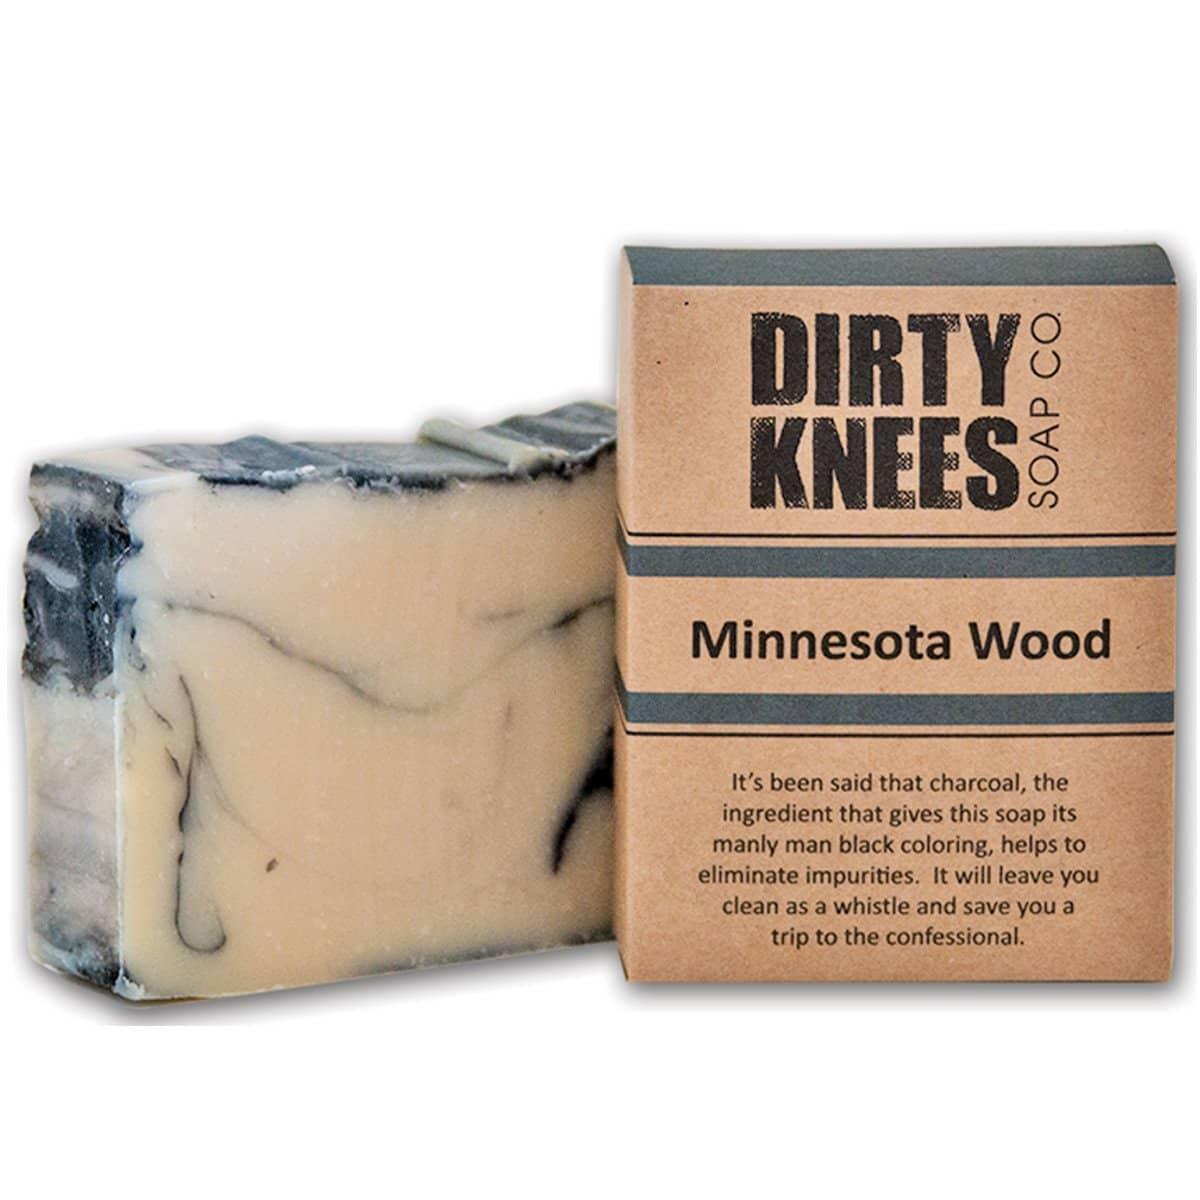 minnesota wood soap